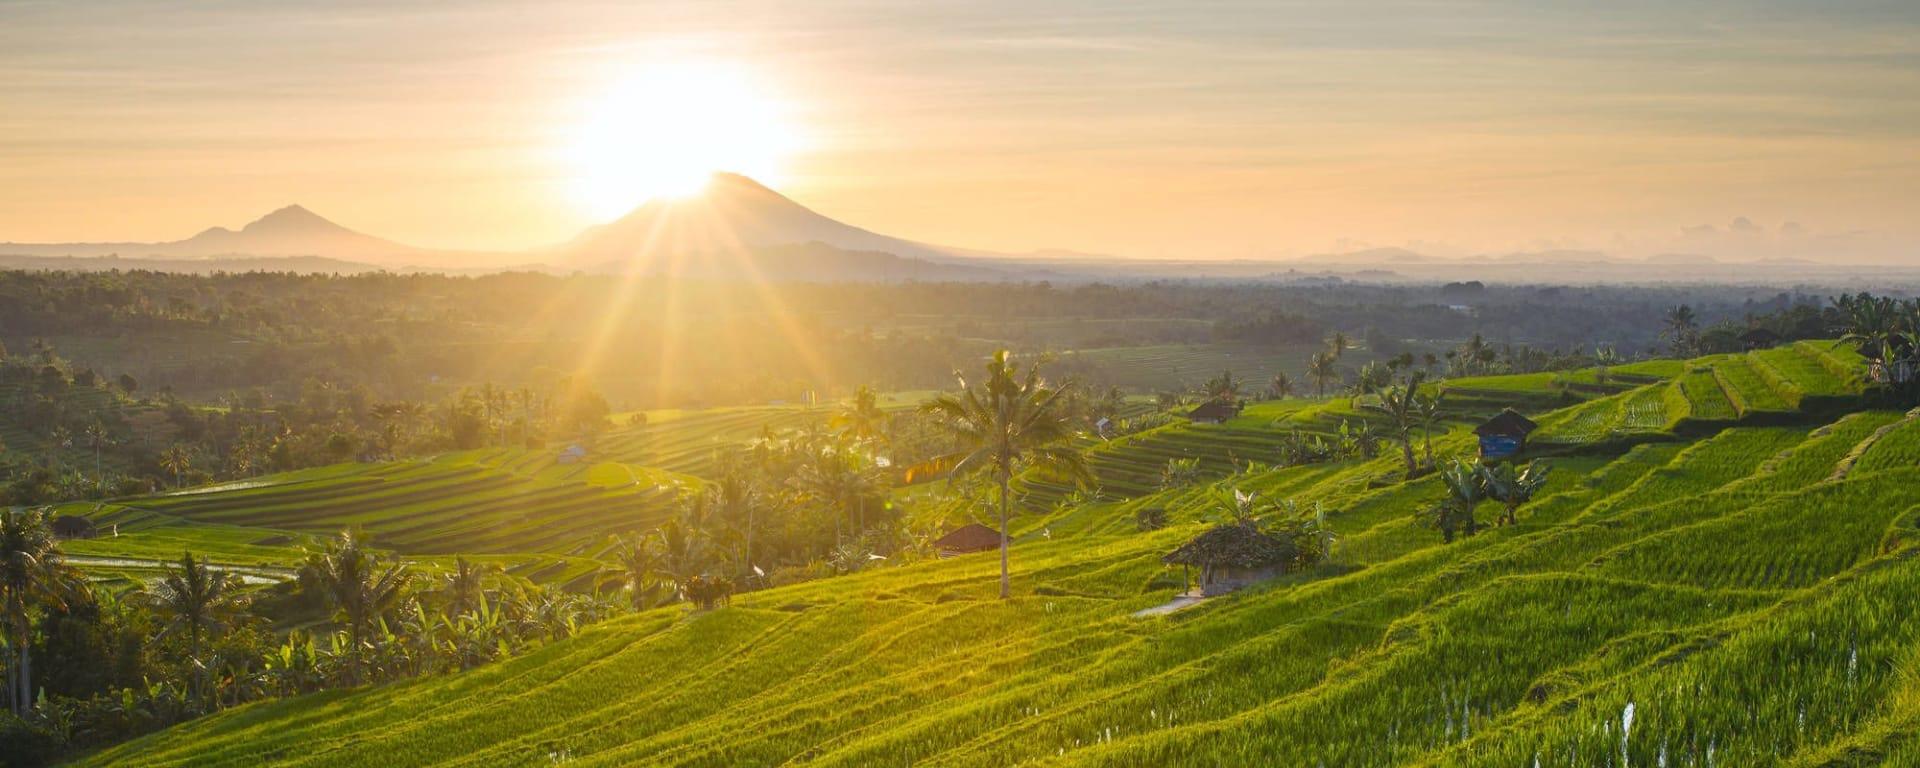 Découverte active de Bali de Sud de Bali: Bali Jatiluwih Rice Terraces